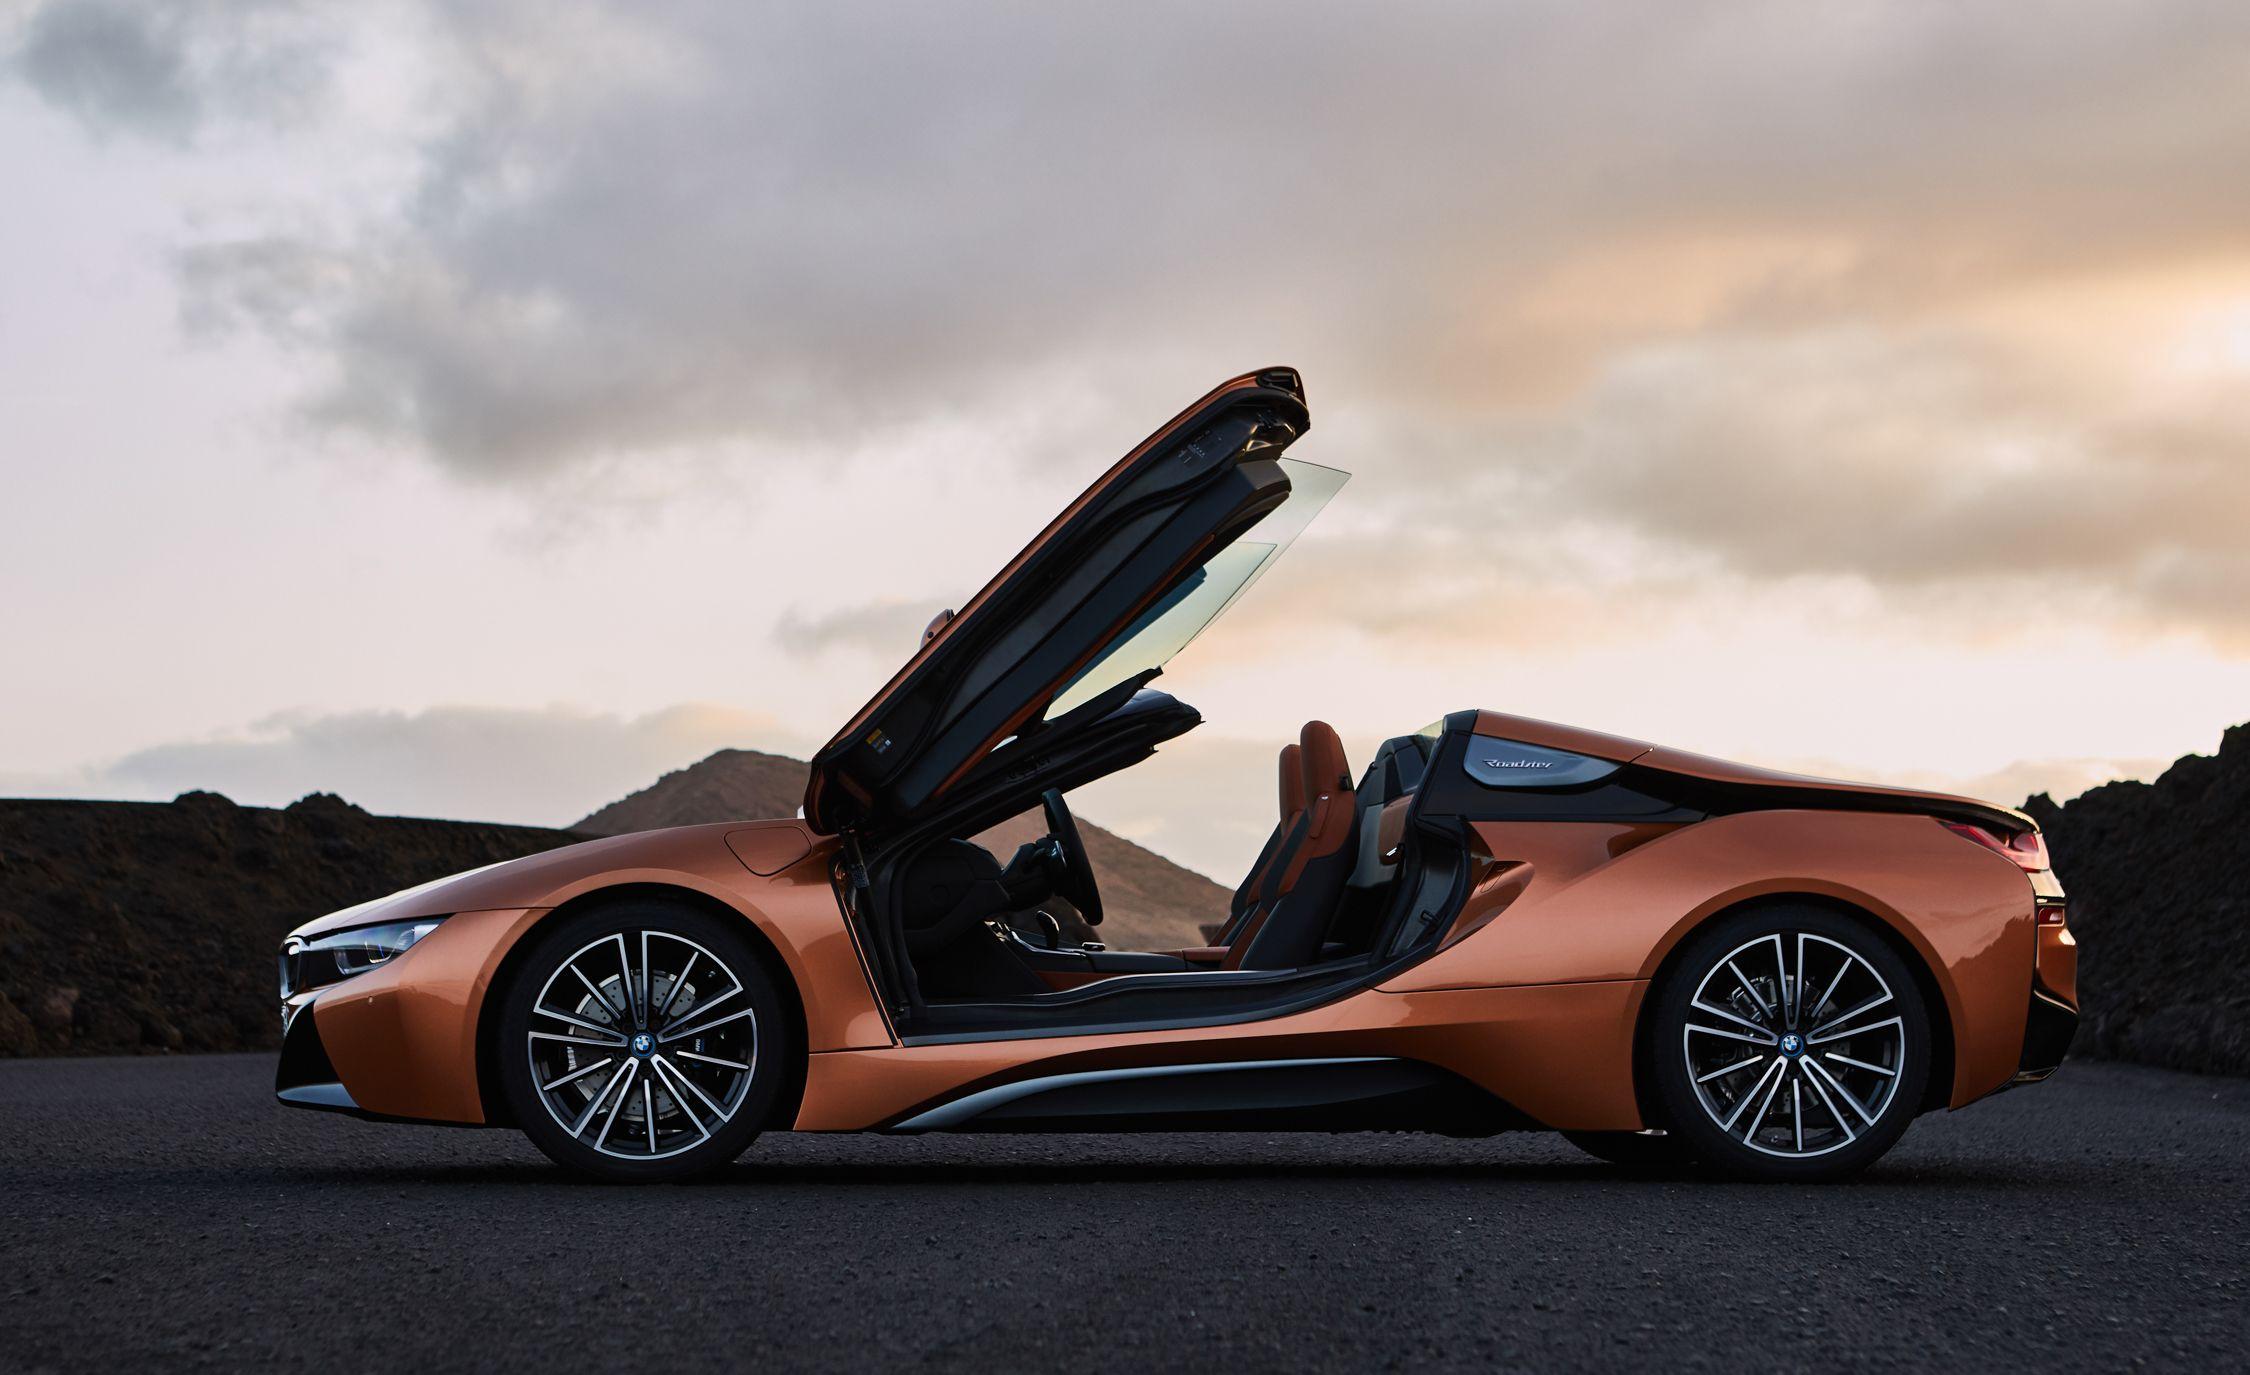 BMW I Reviews BMW I Price Photos And Specs Car And Driver - A bmw i8